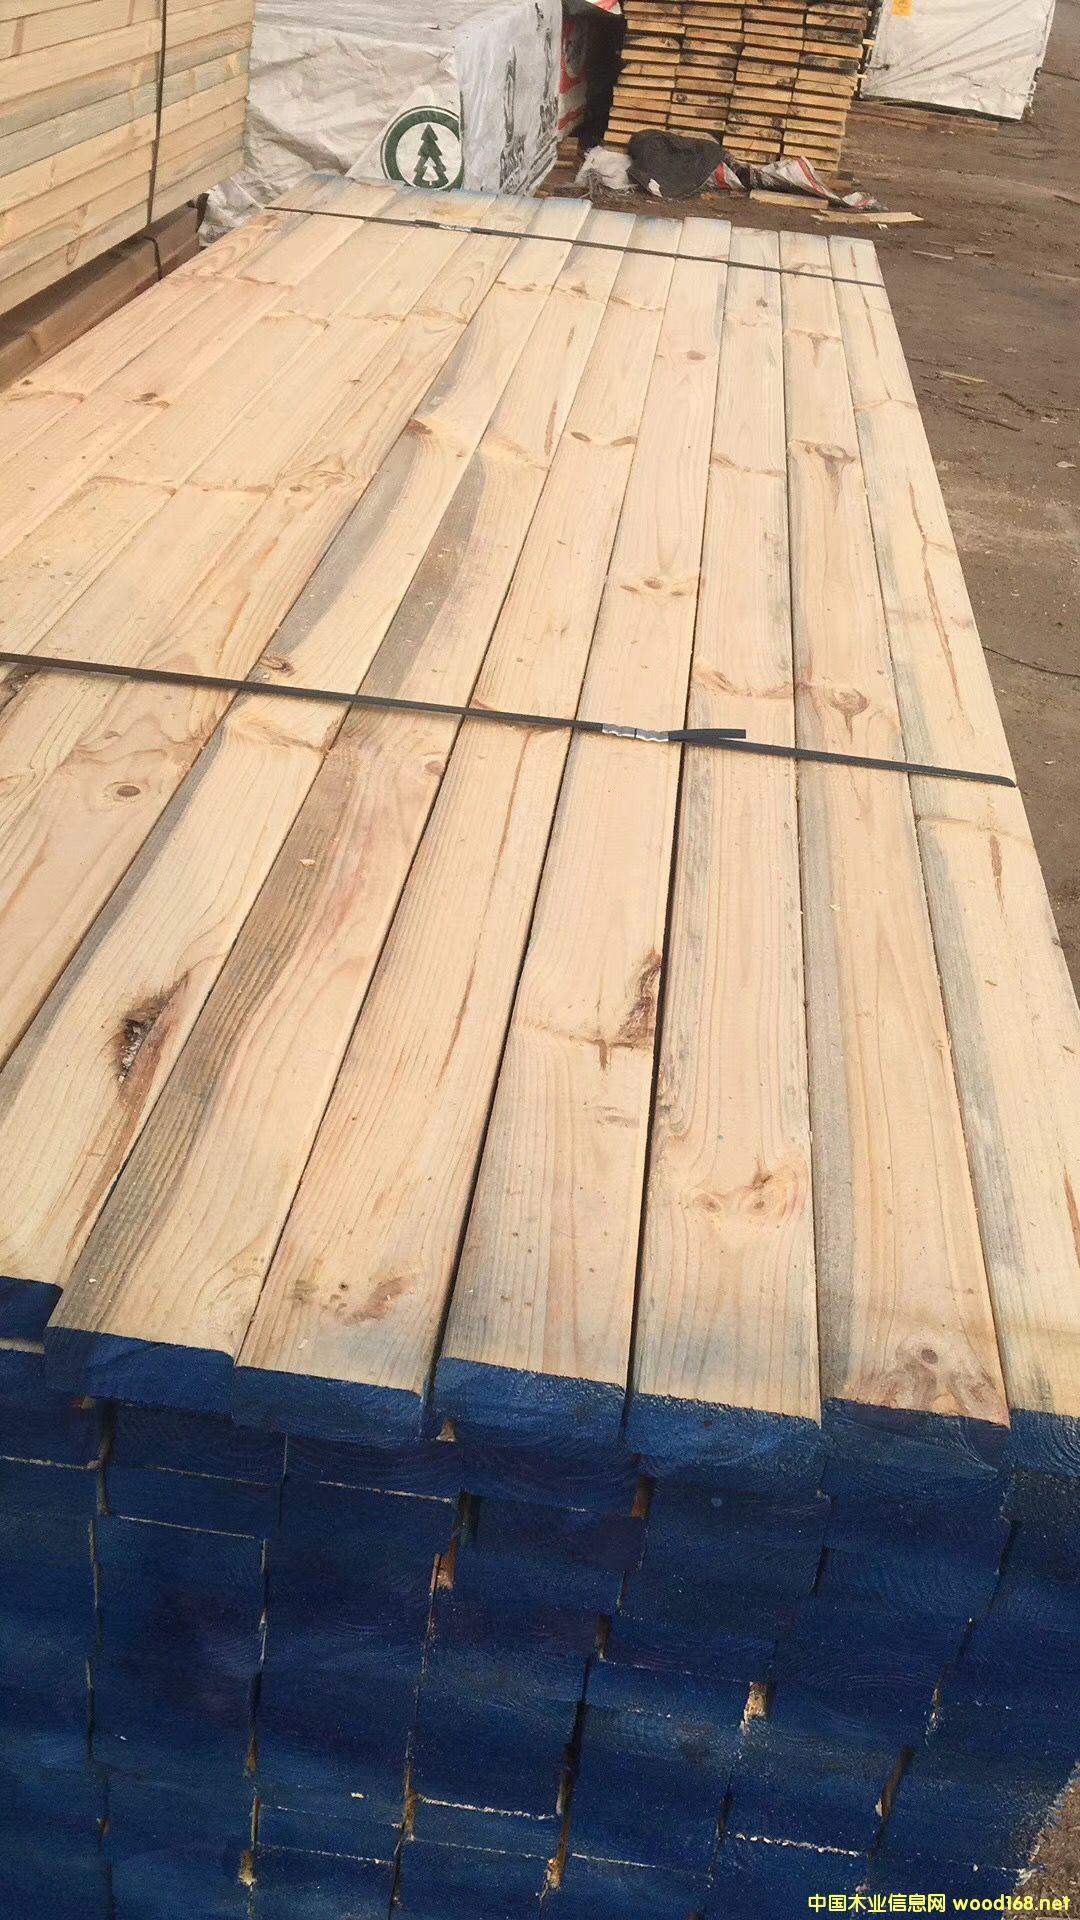 厂家直销樟子松木方、方木、木愣子、古建材、包装材的详细介绍